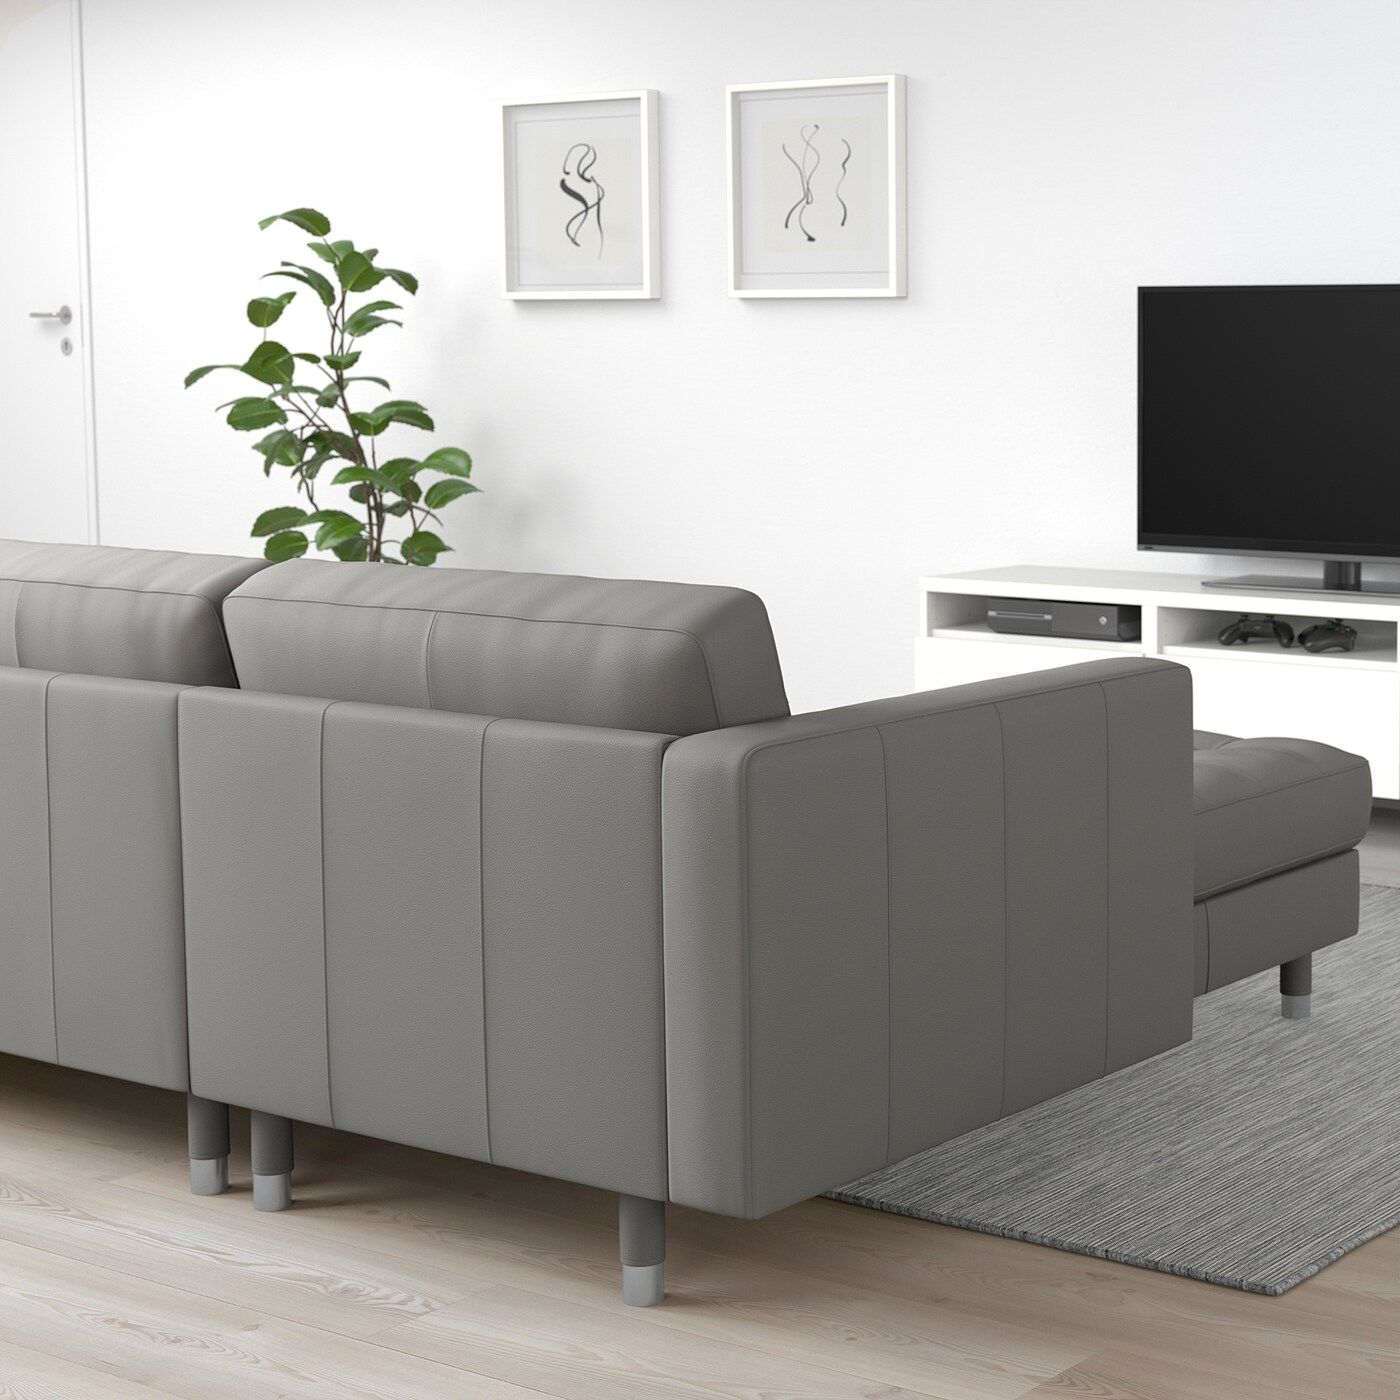 Landskrona 4er Sofa Mit Recamiere Grann Bomstad Graugrun Metall Wohnzimmer Braun Braune Wohnzimmermobel Und 3er Sofa